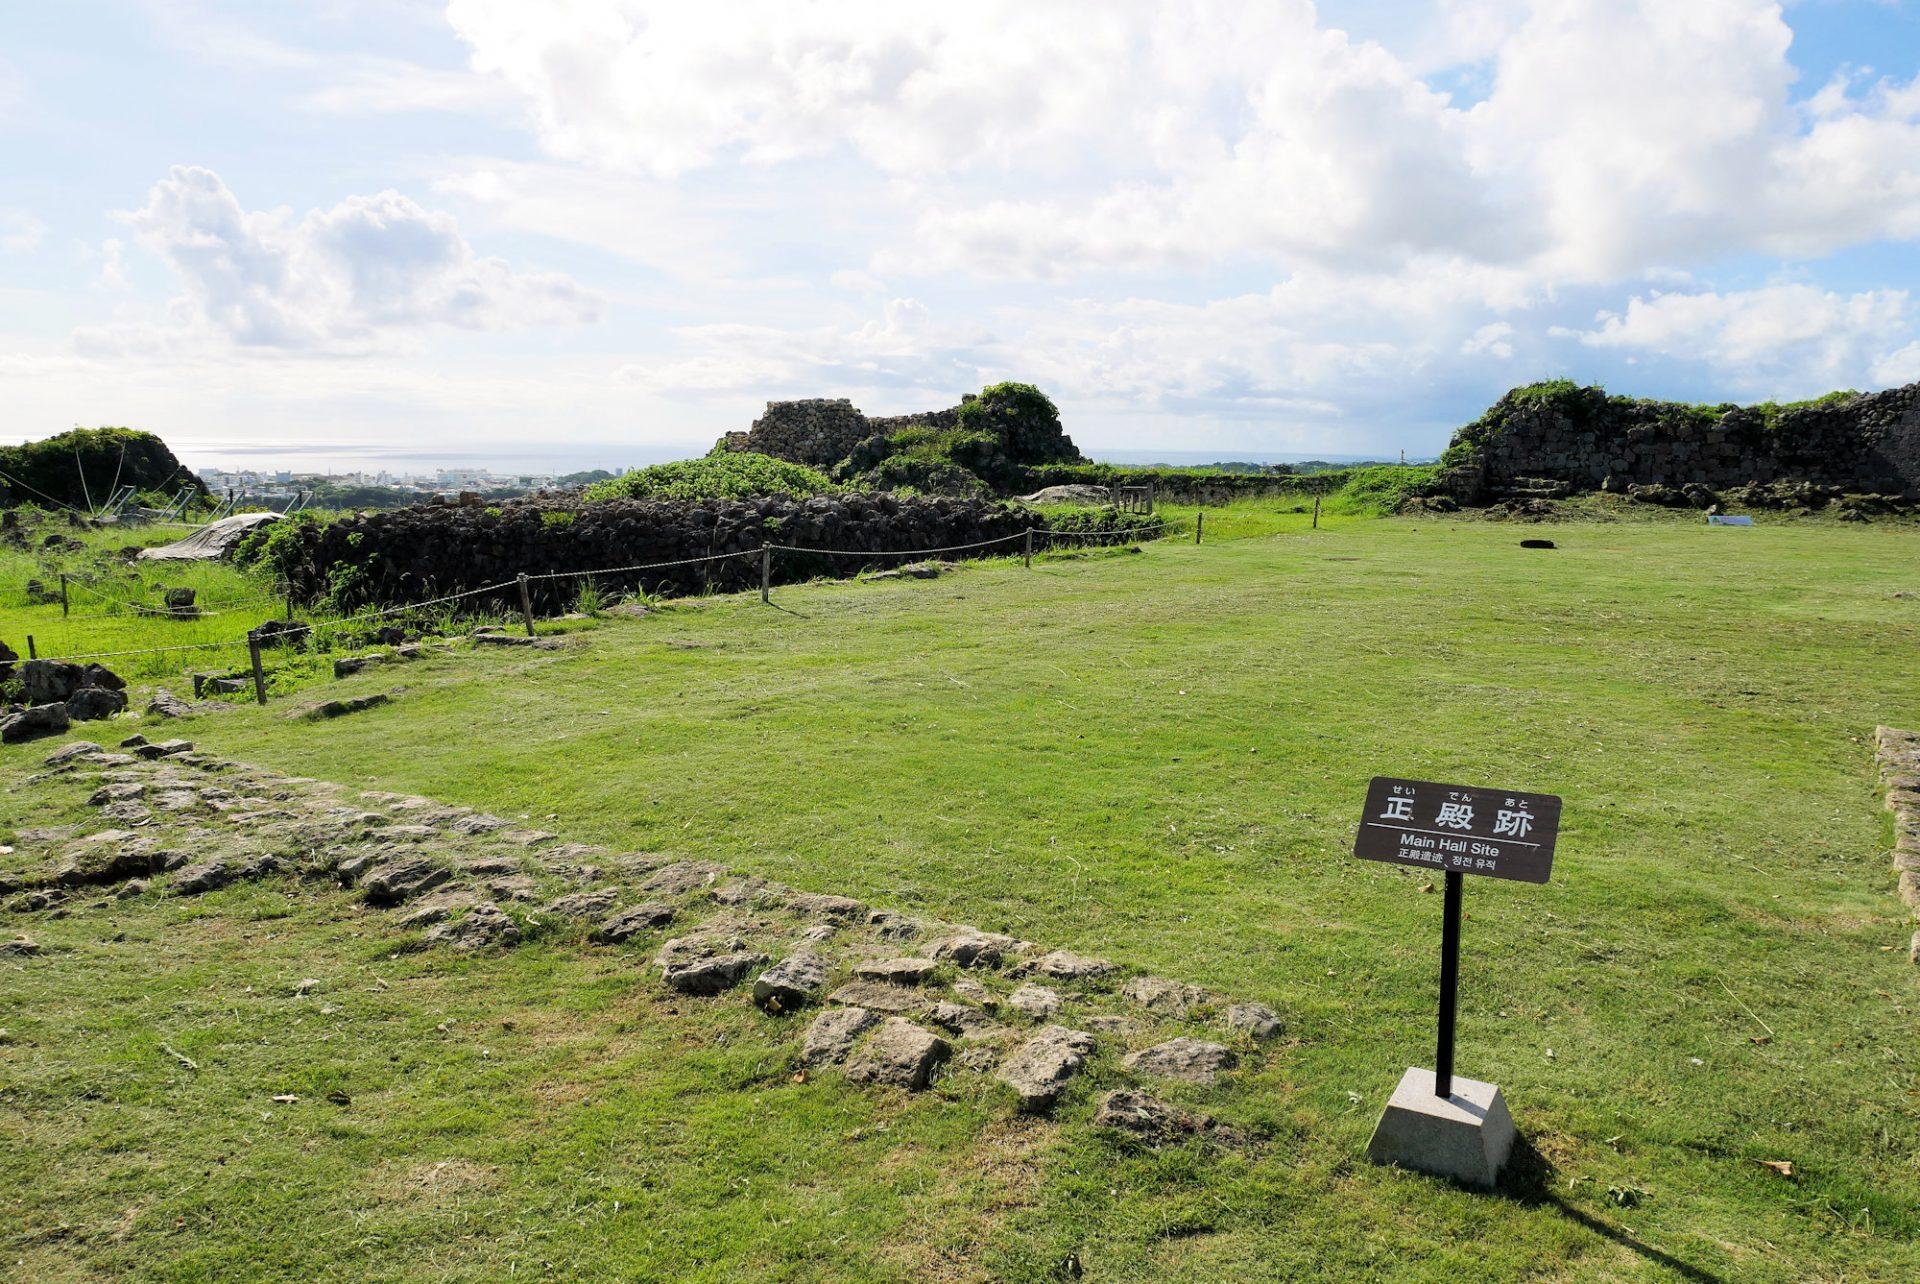 一の郭 正殿跡 中城村 世界遺産 中城城跡 沖縄 観光 旅行 歴史